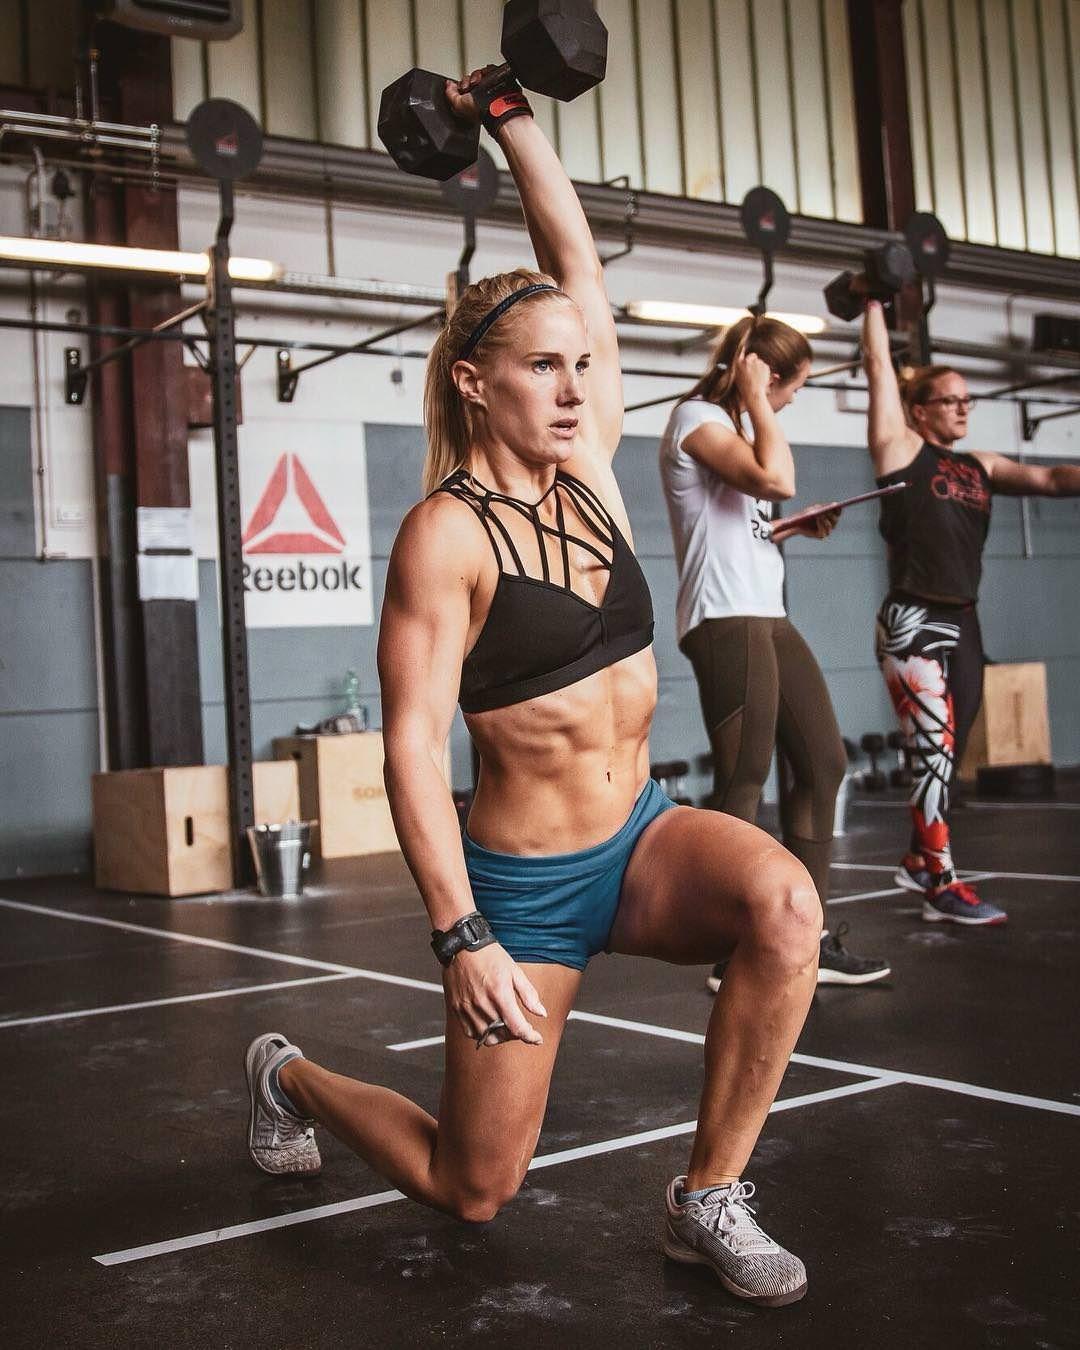 Malin Pettersson #crossfit #girls #cross #fit #fitness | Crossfit girls, Crossfit  girl, Fitness inspiration